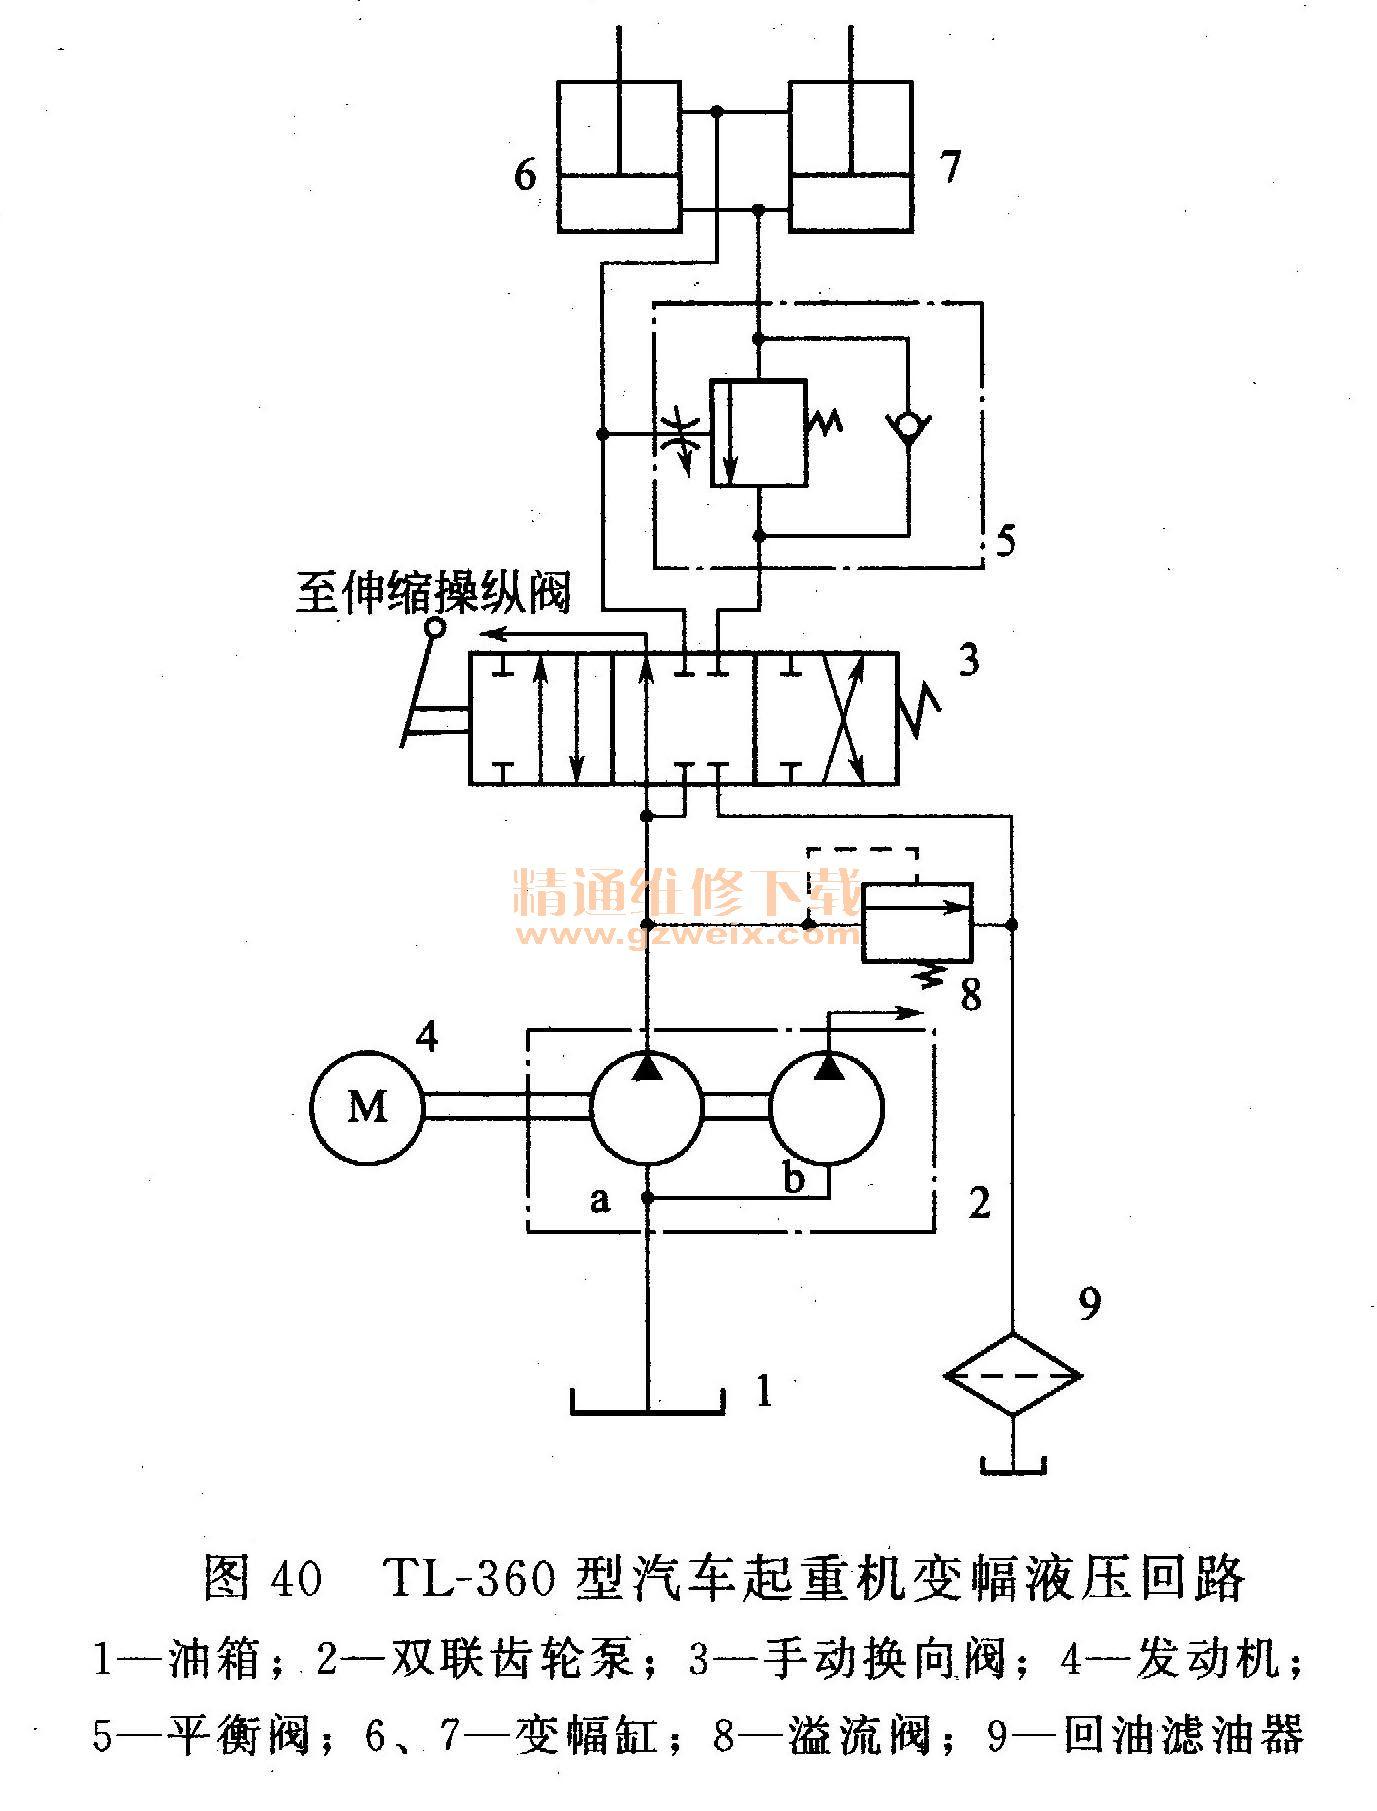 平衡阀安装在液压缸的底部,起锁紧和防止超速下降的作用,其控制油路设图片